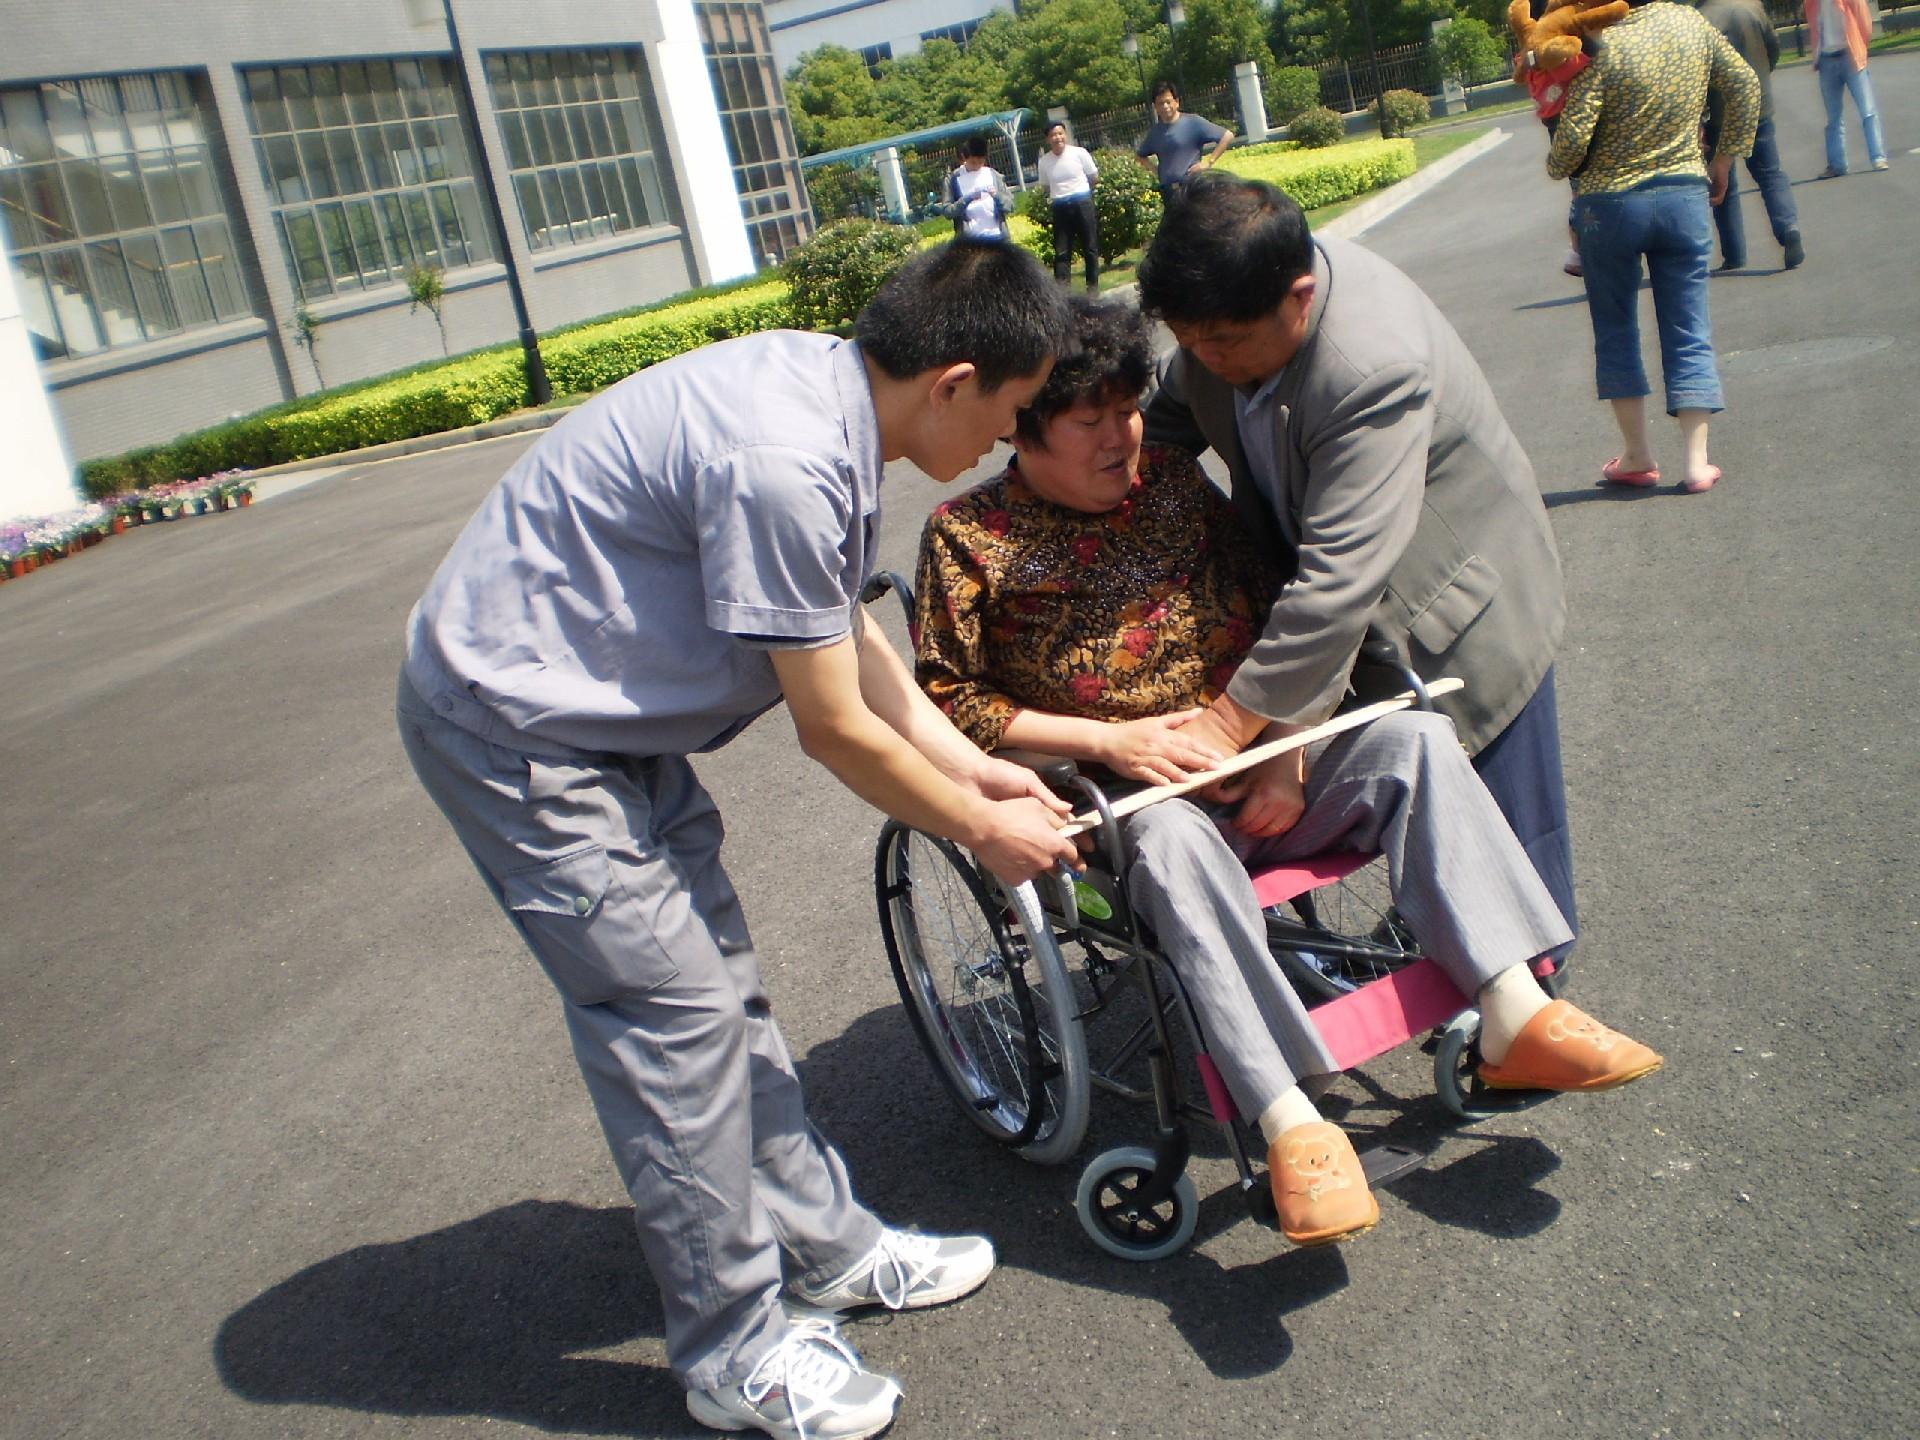 山猫直播下载ios人员教轮椅试用方法.JPG